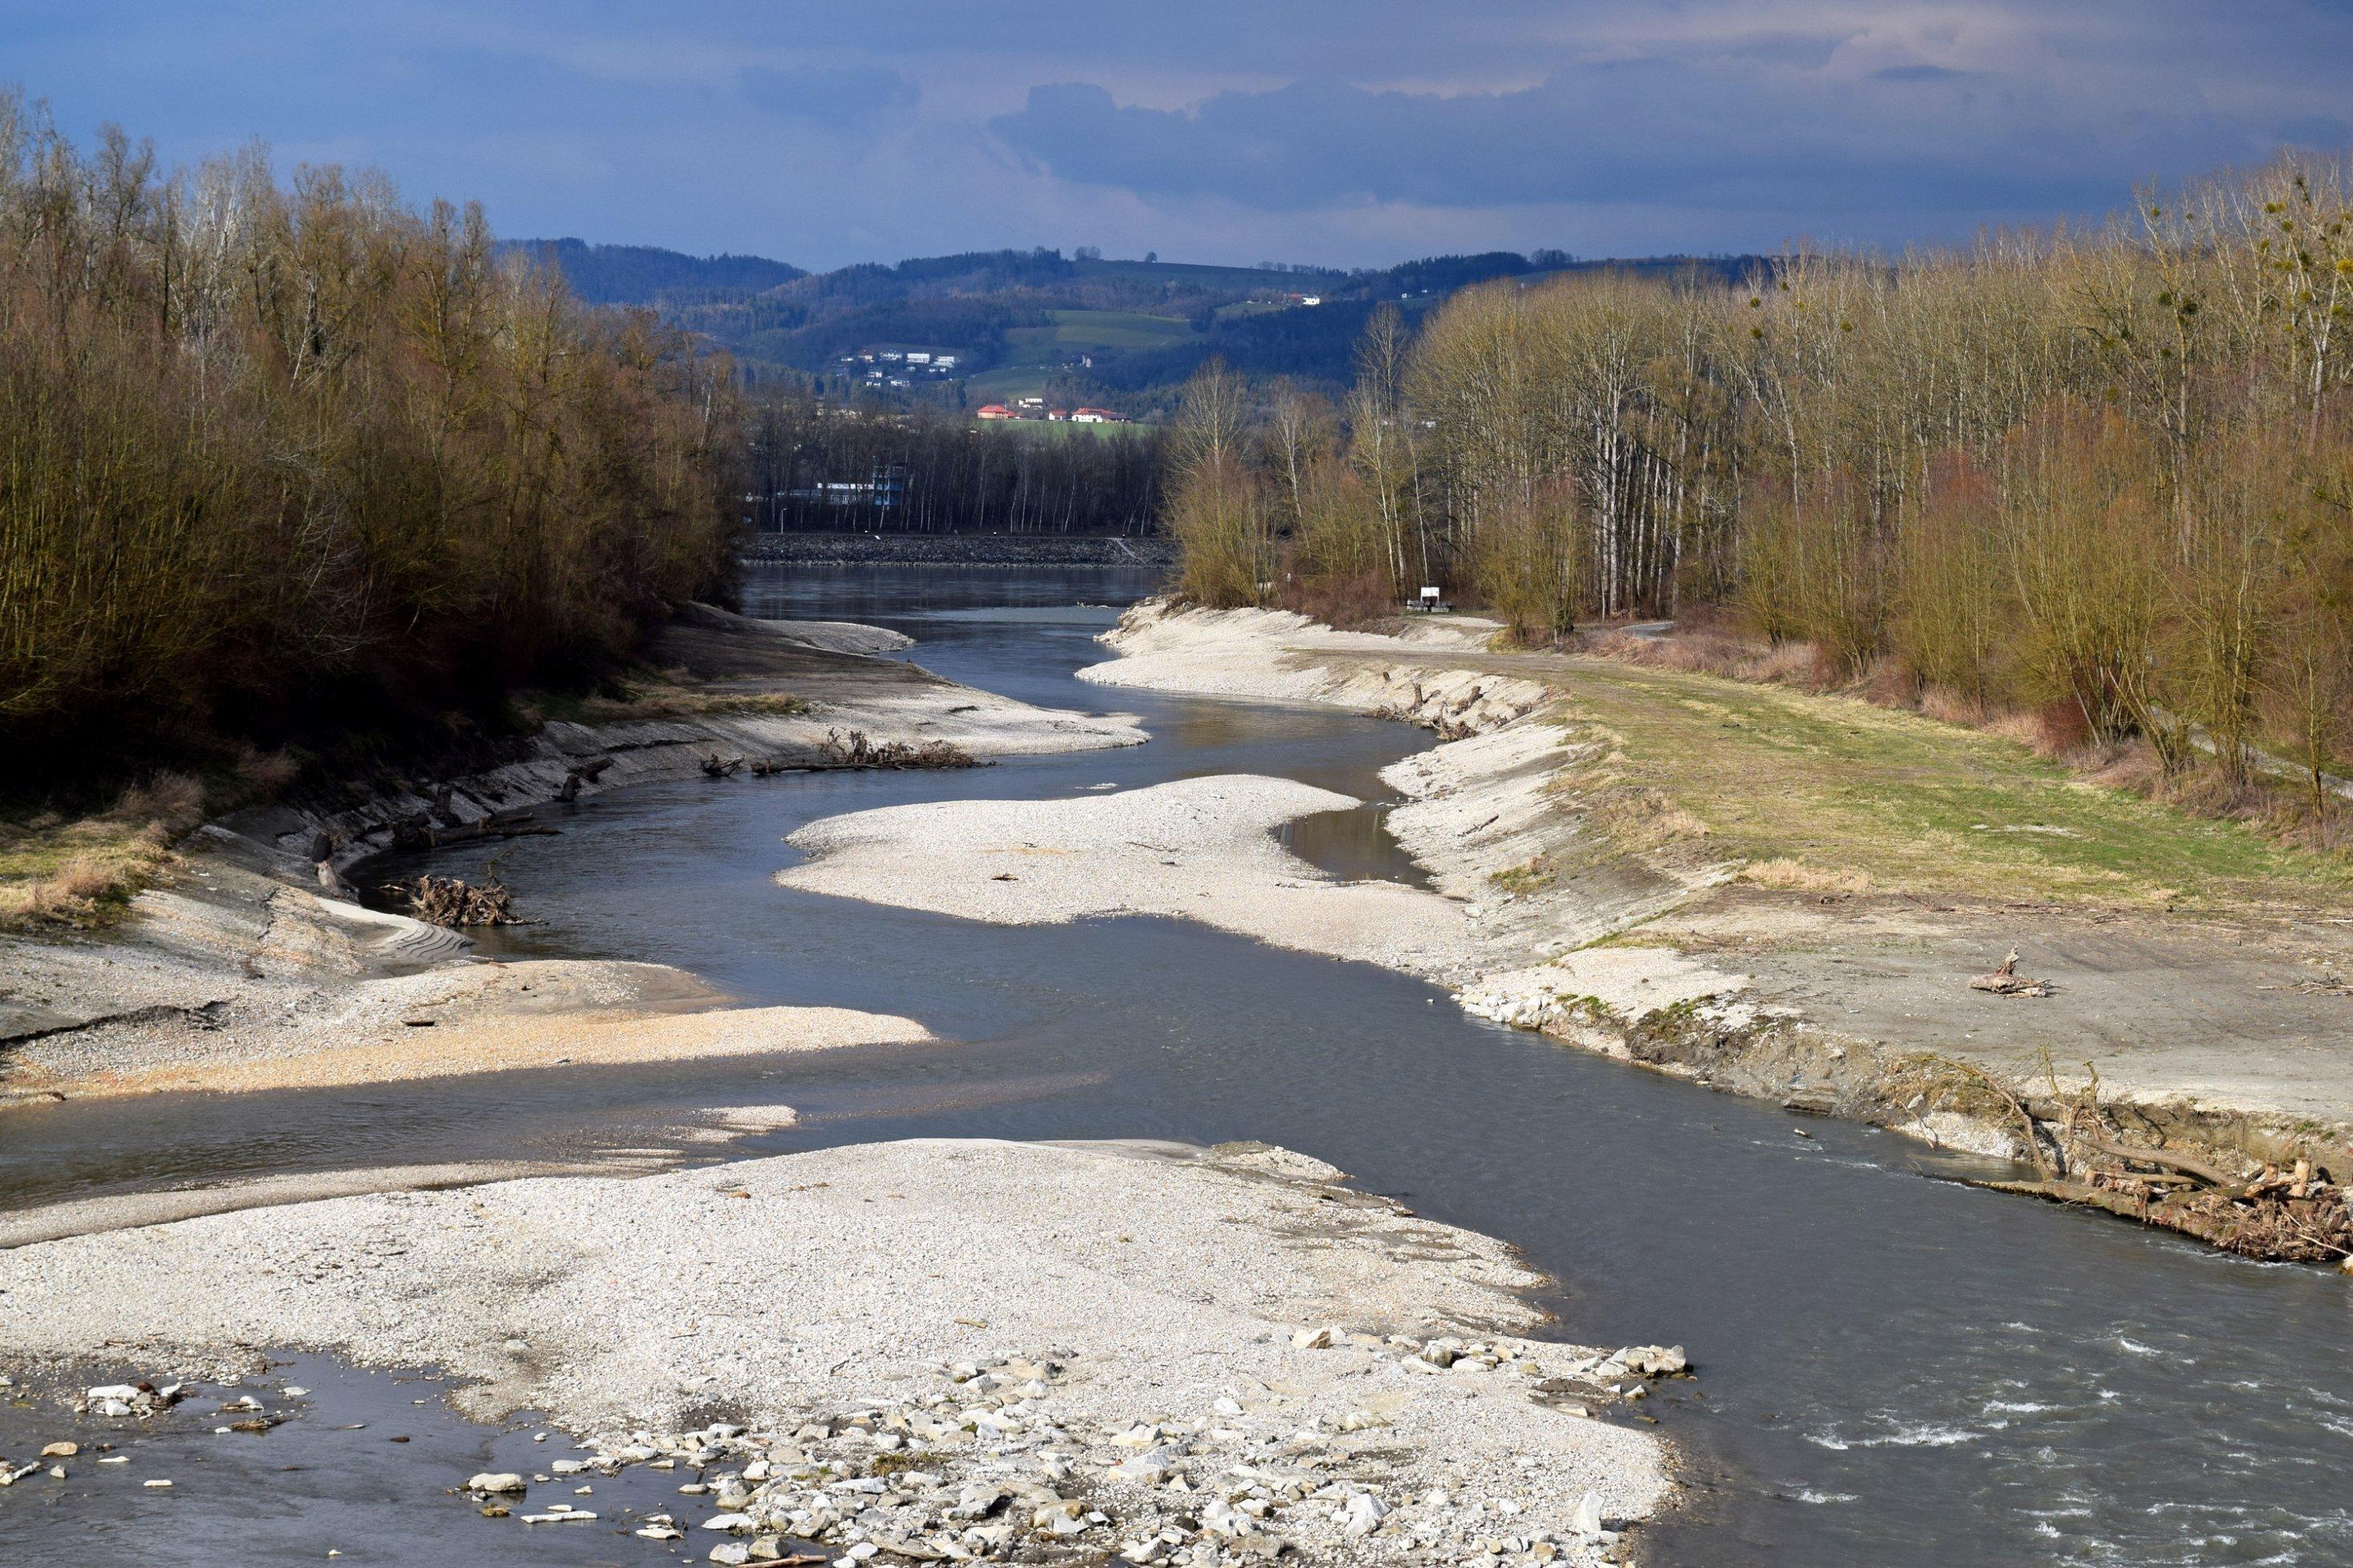 gewundener Flussarm mit Bäumen und Sträuchern